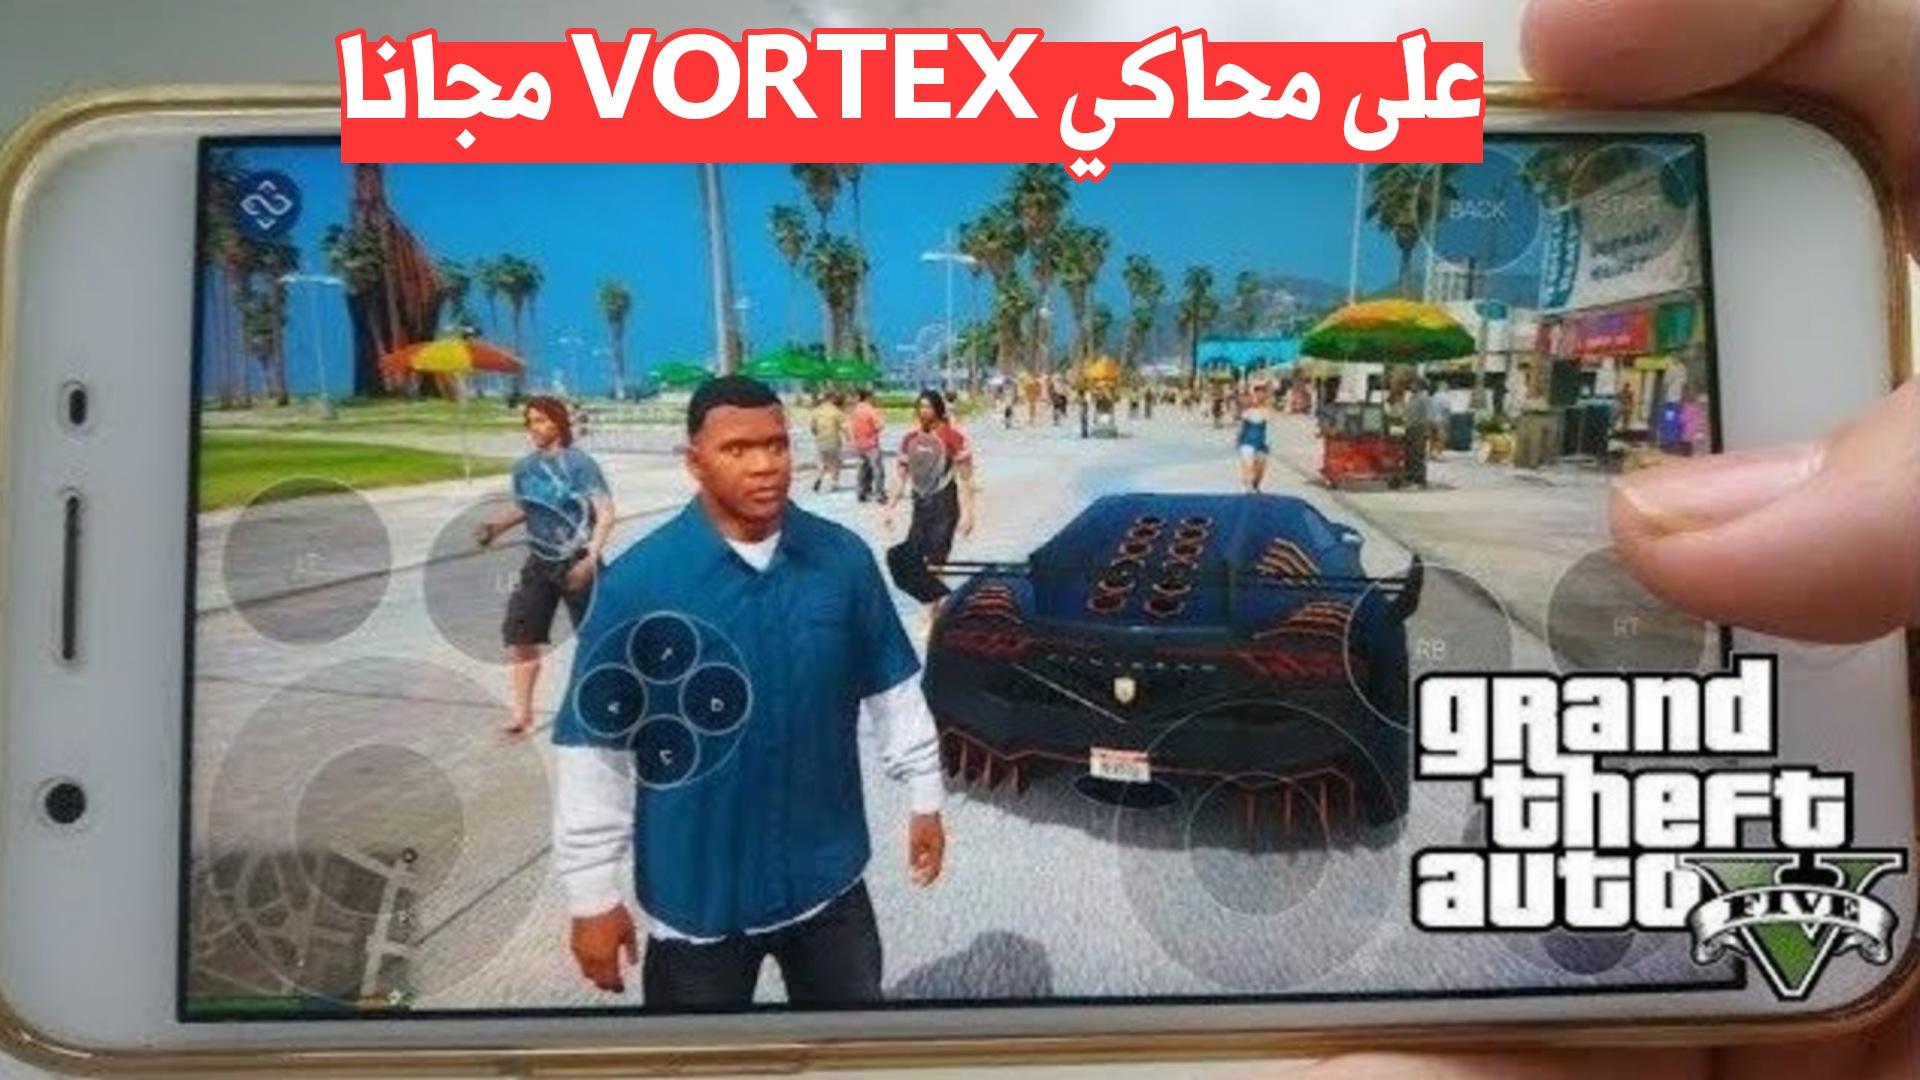 جديد تحميل محاكي vortex للاندرويد لتشغيل لعبة GTA 5 مجانا مدى الحياة سارع لتجربته الان